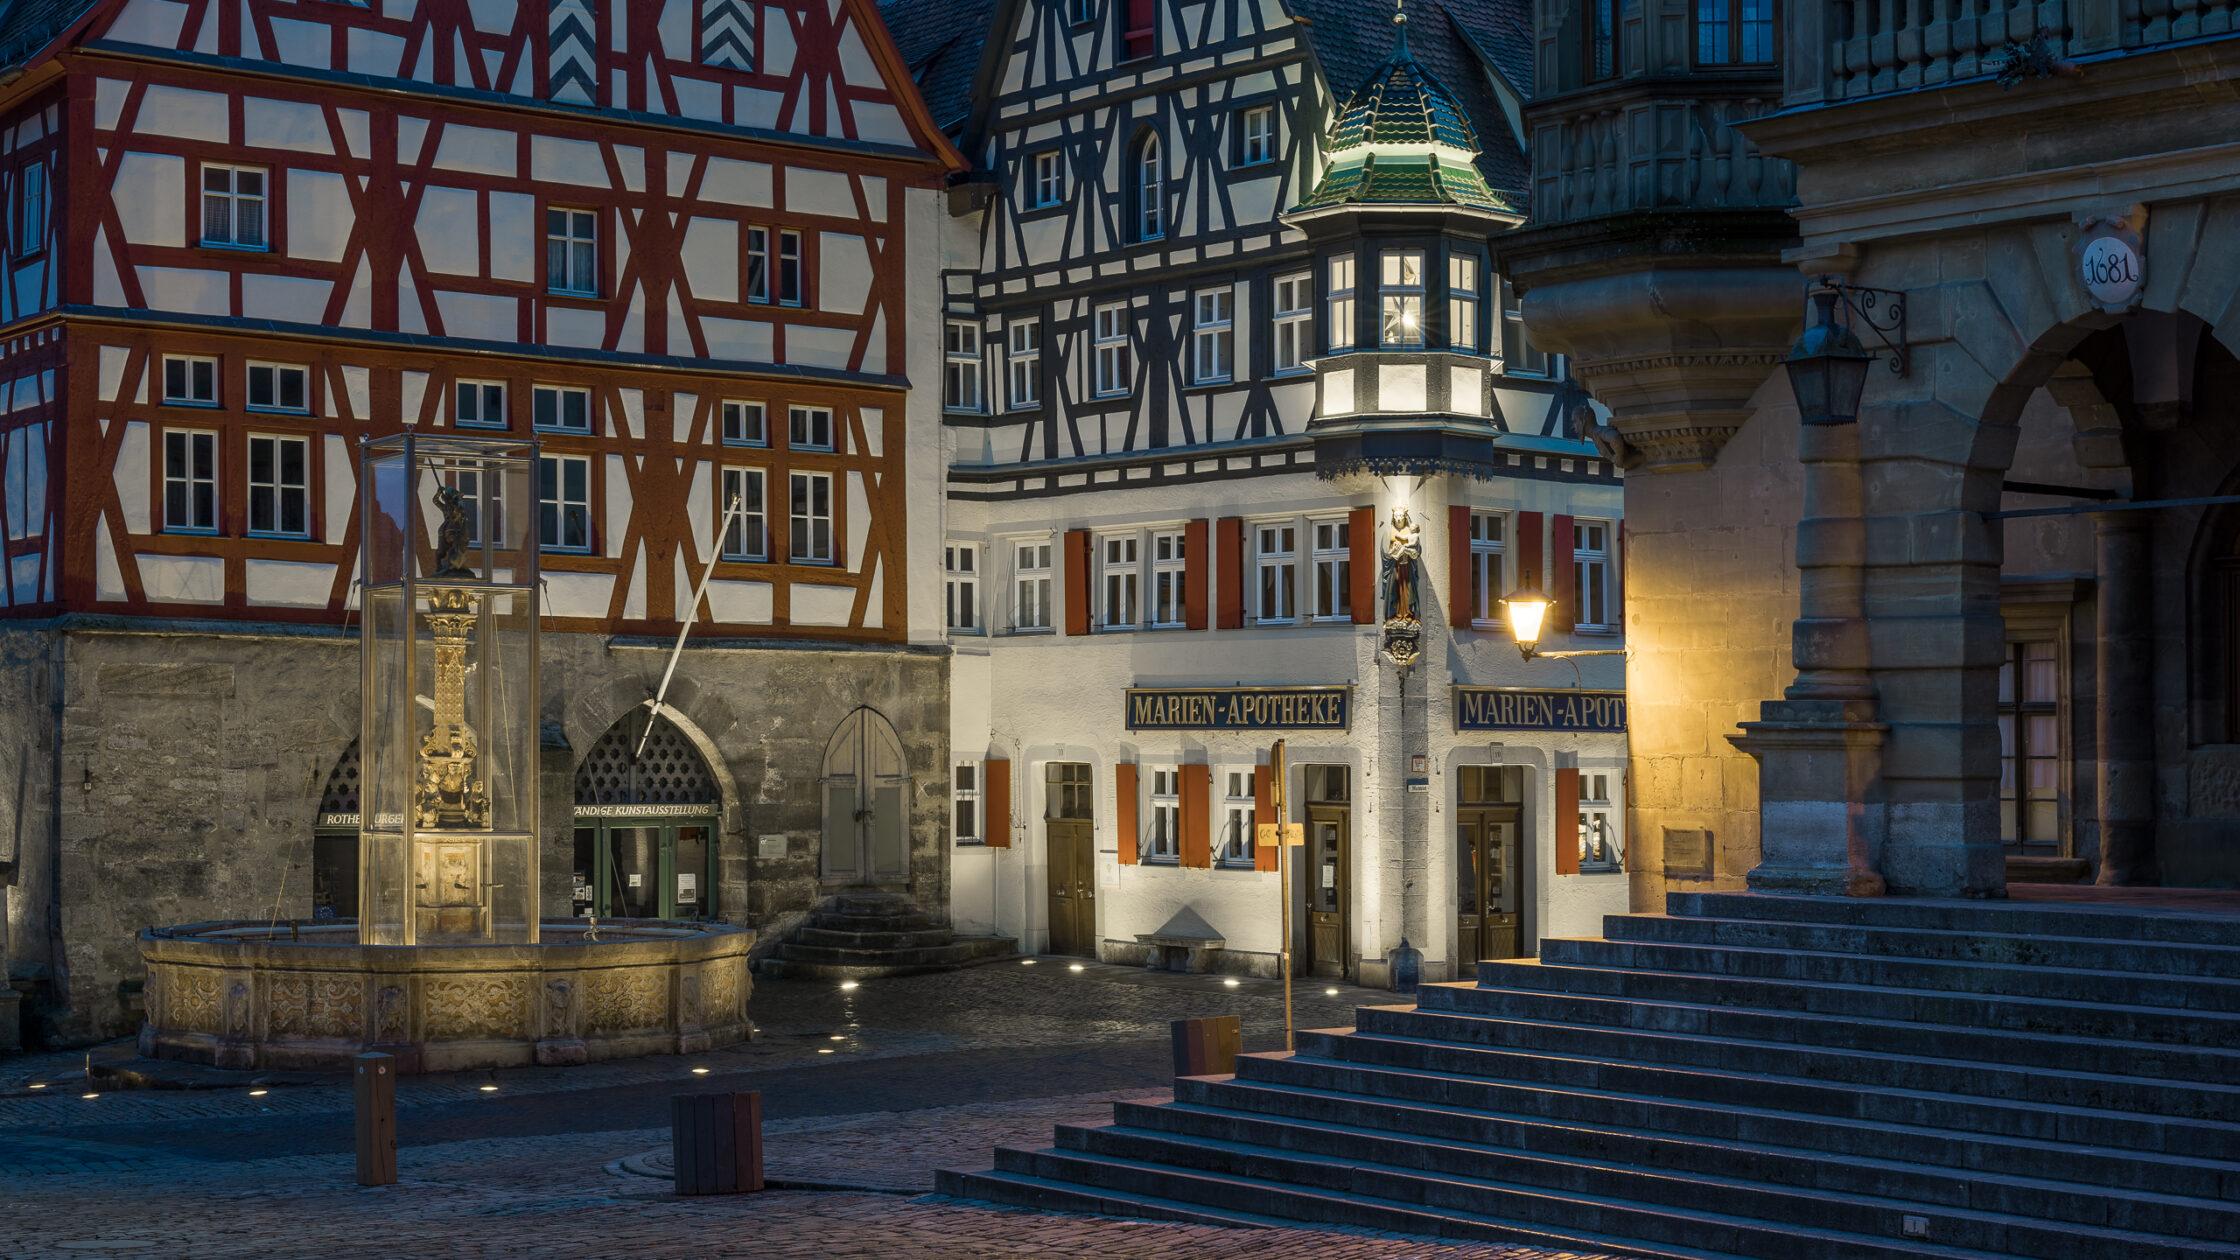 Herrngasse Rothenburg ob der Tauber / 20180304182511